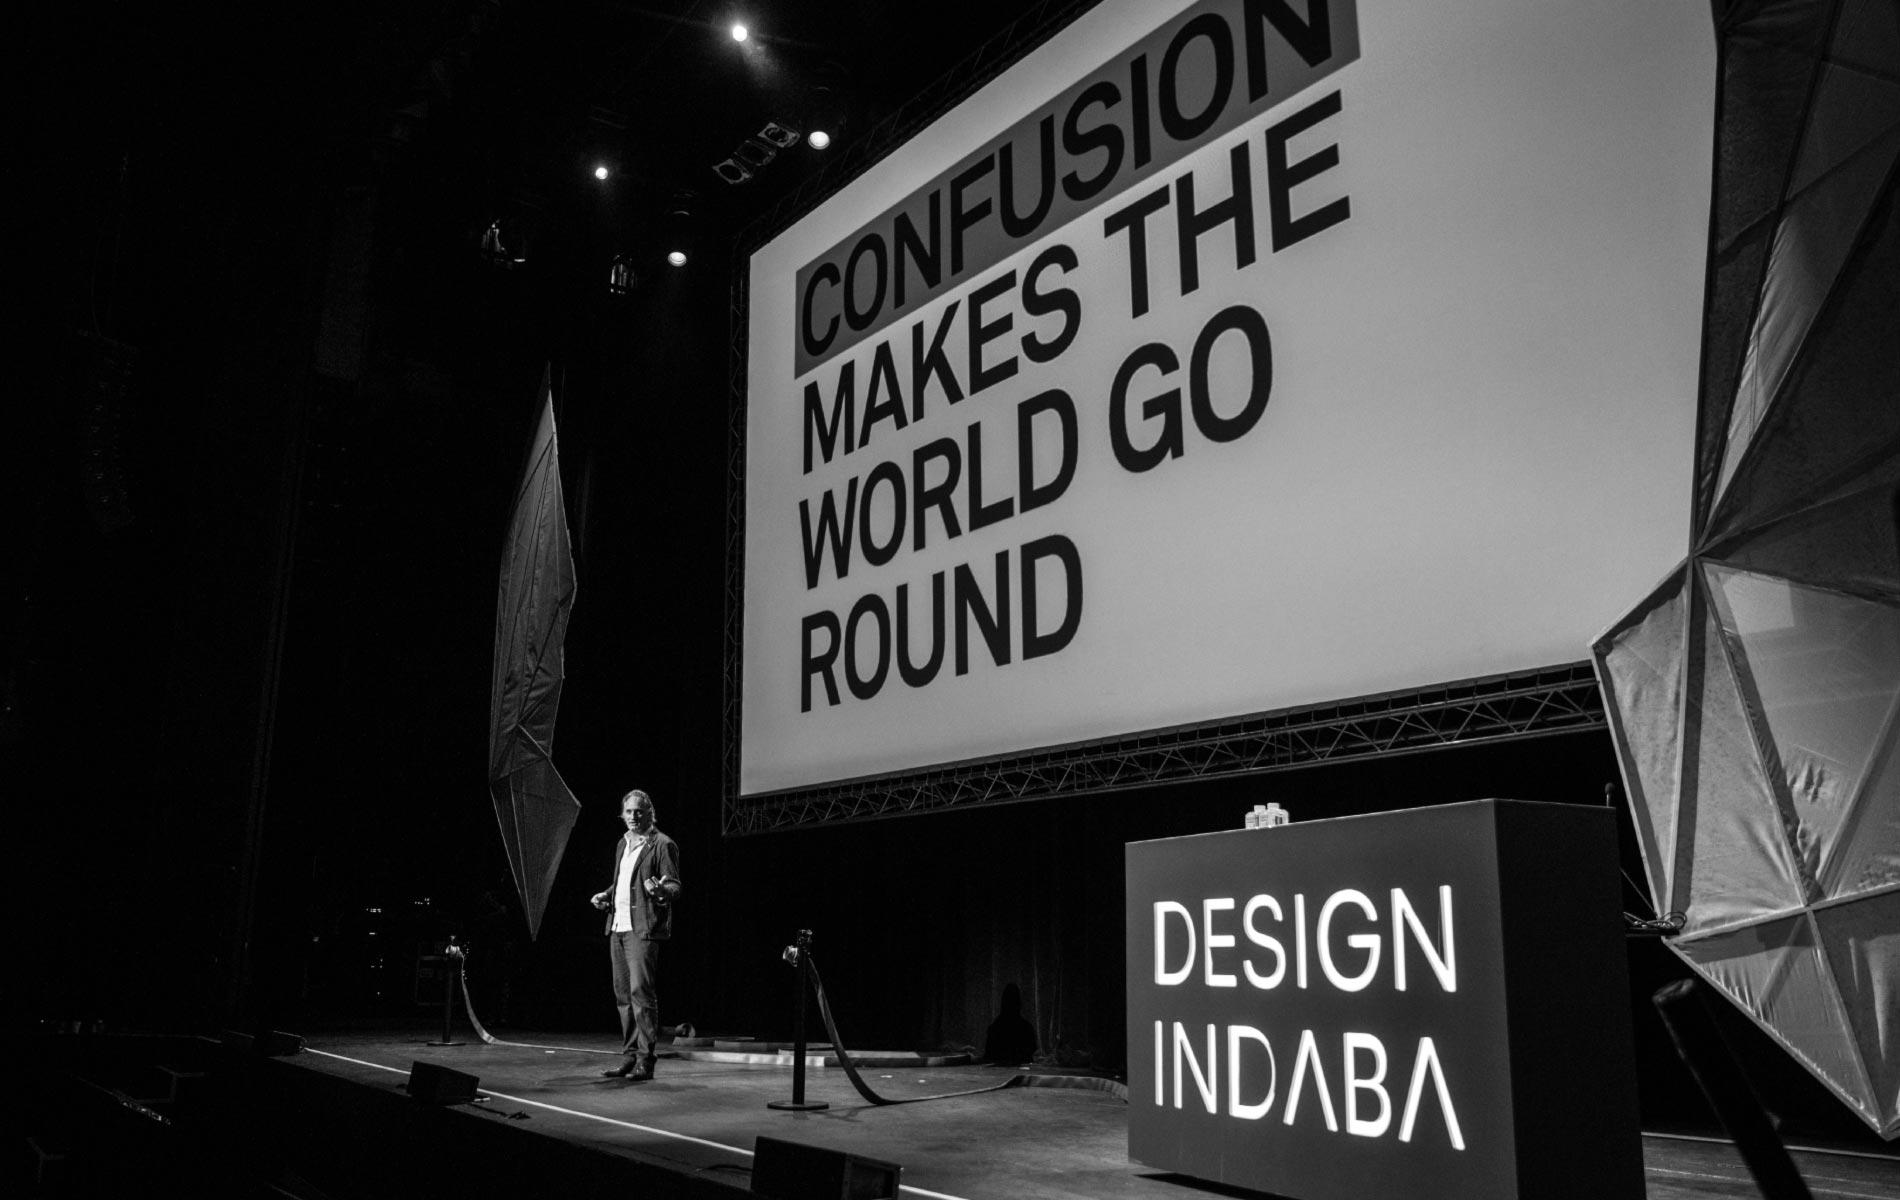 Design Indaba Conference 2017 | Design Indaba